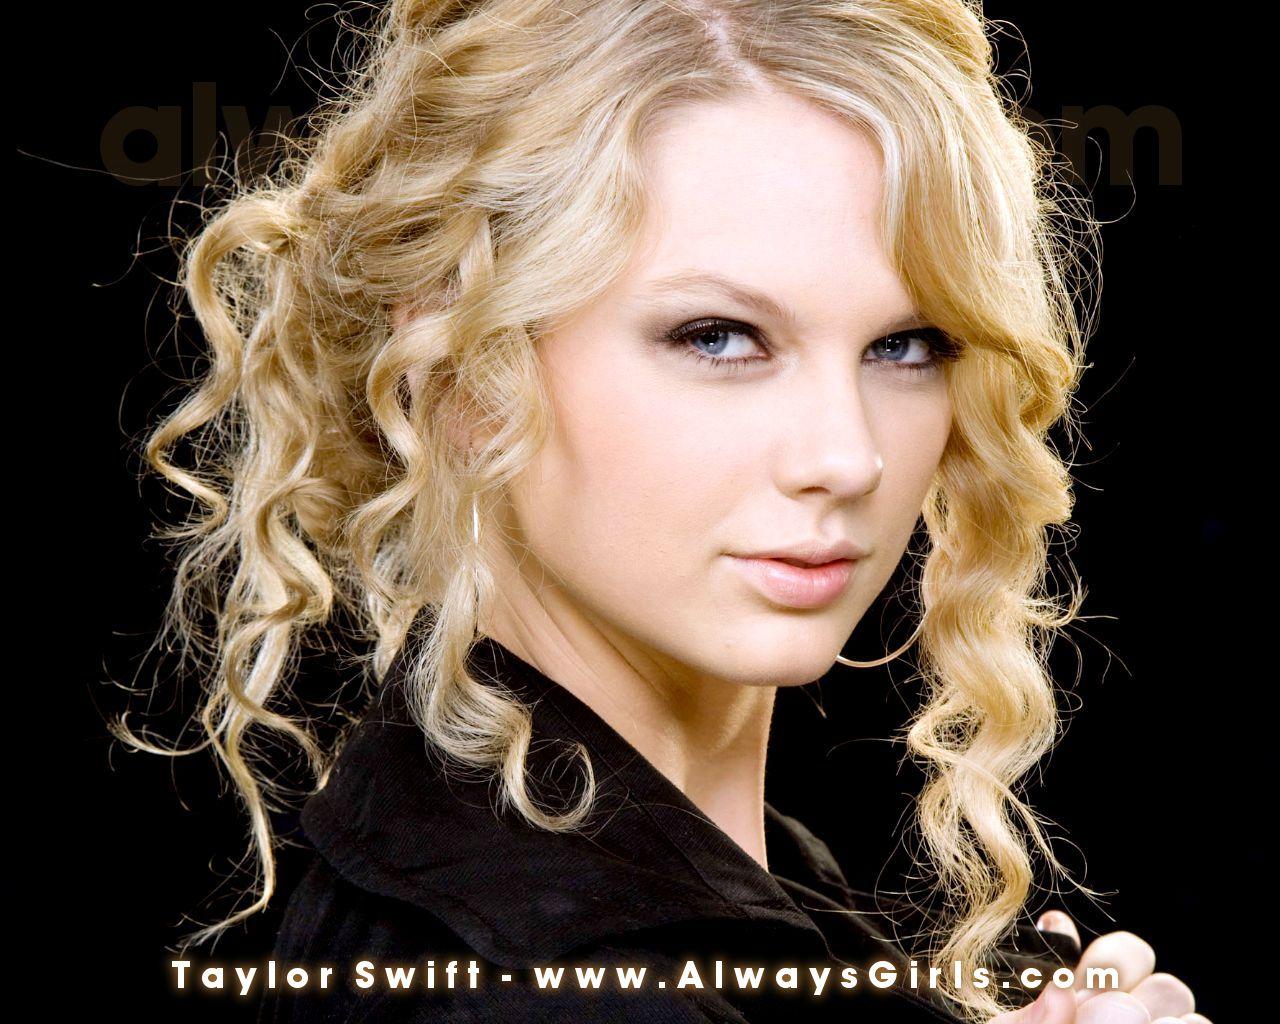 taylor - Taylor Swift Wallpaper (27169050) - Fanpop fanclubs